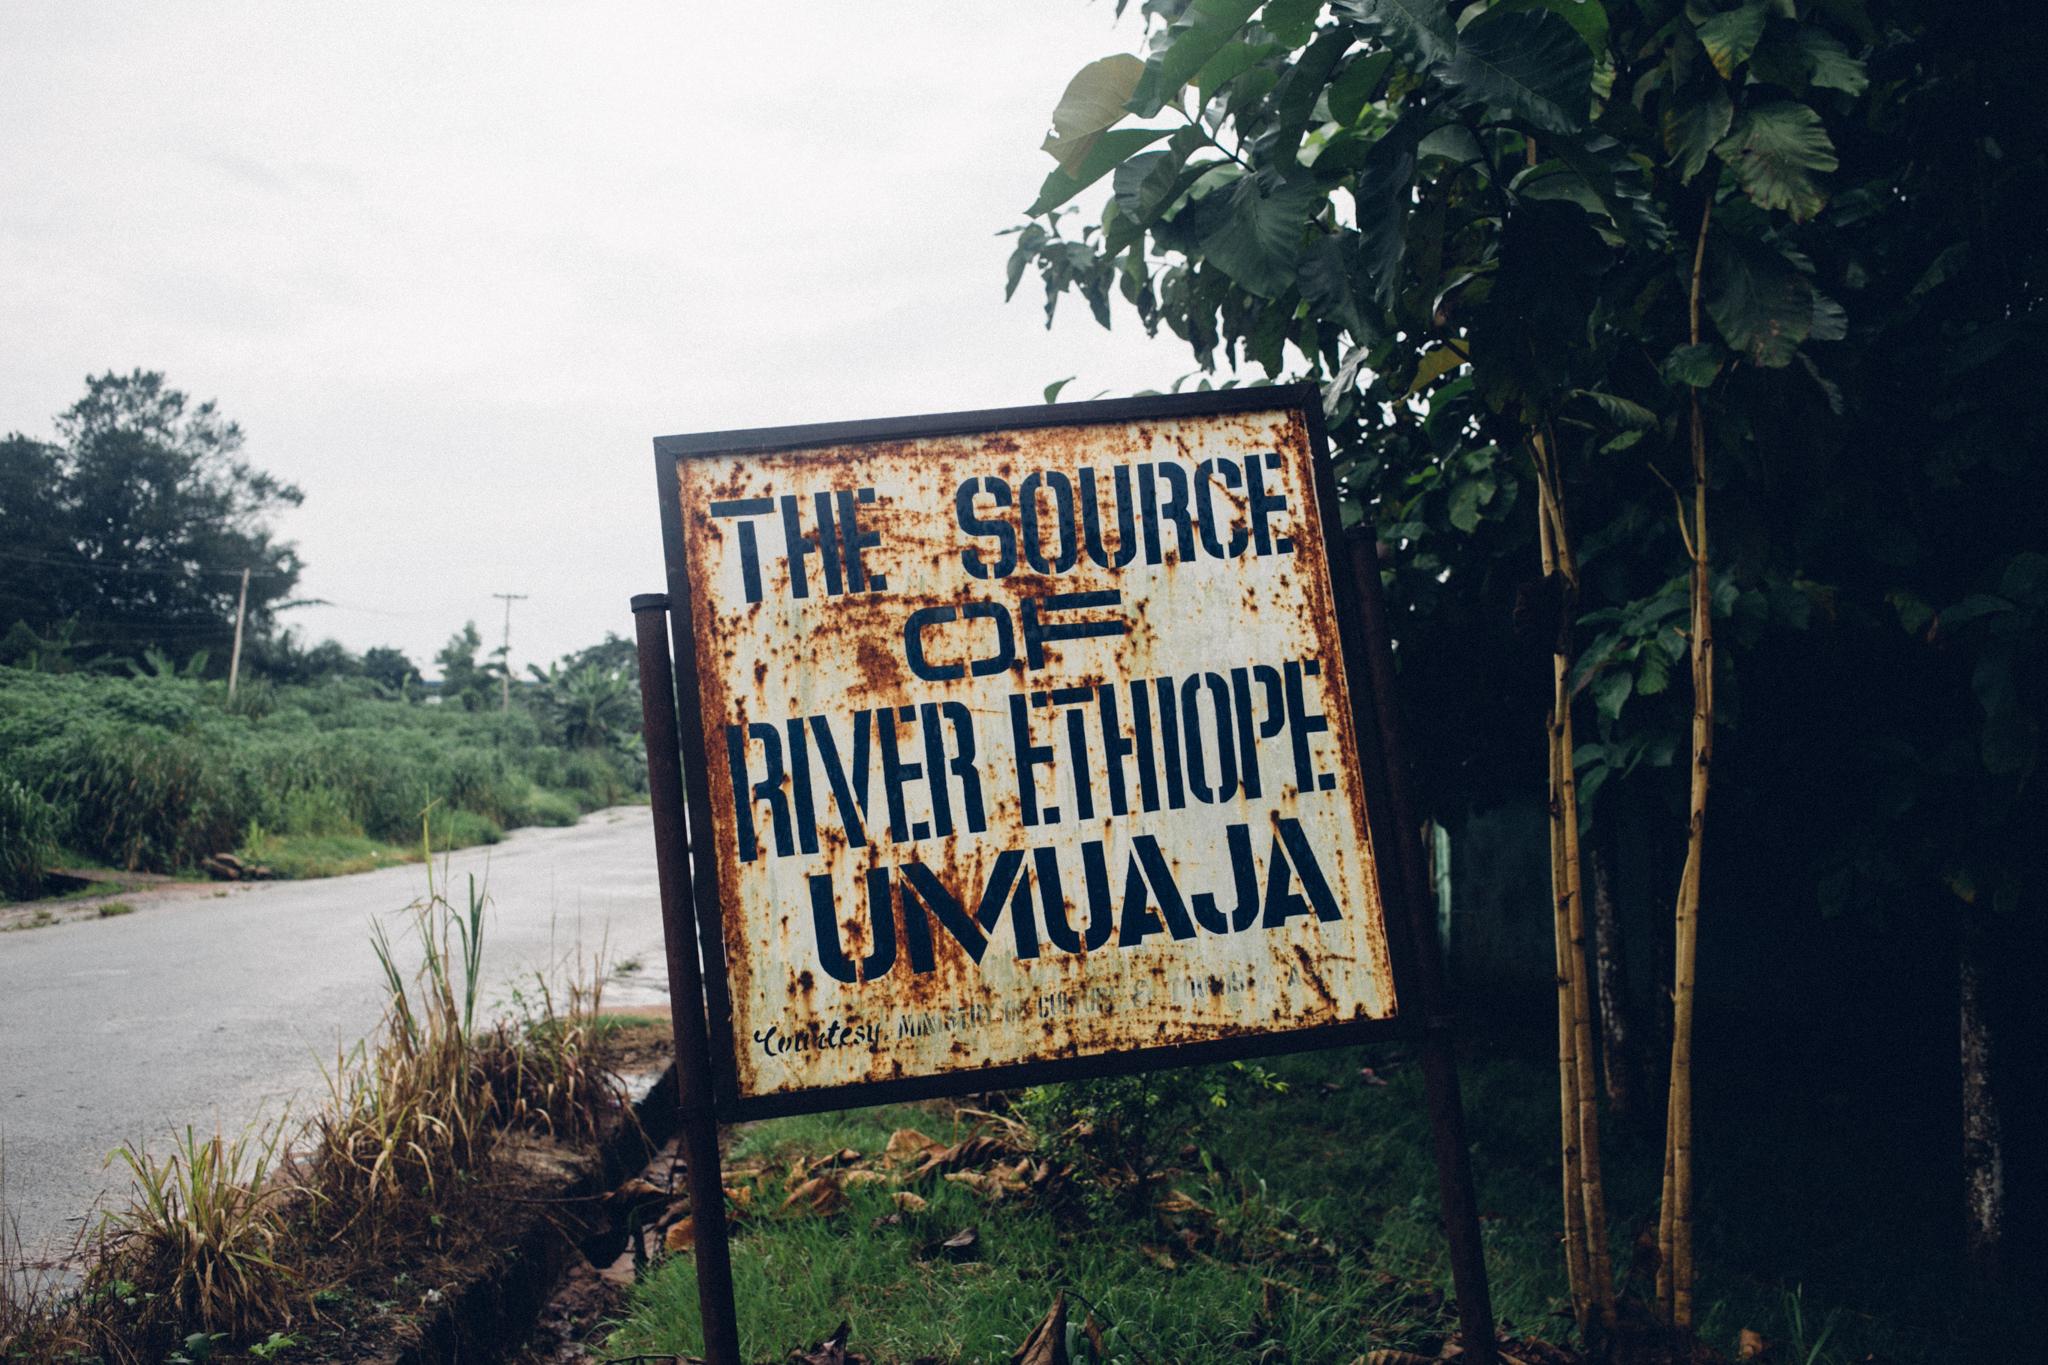 Umuaja, Source of River Ethiope